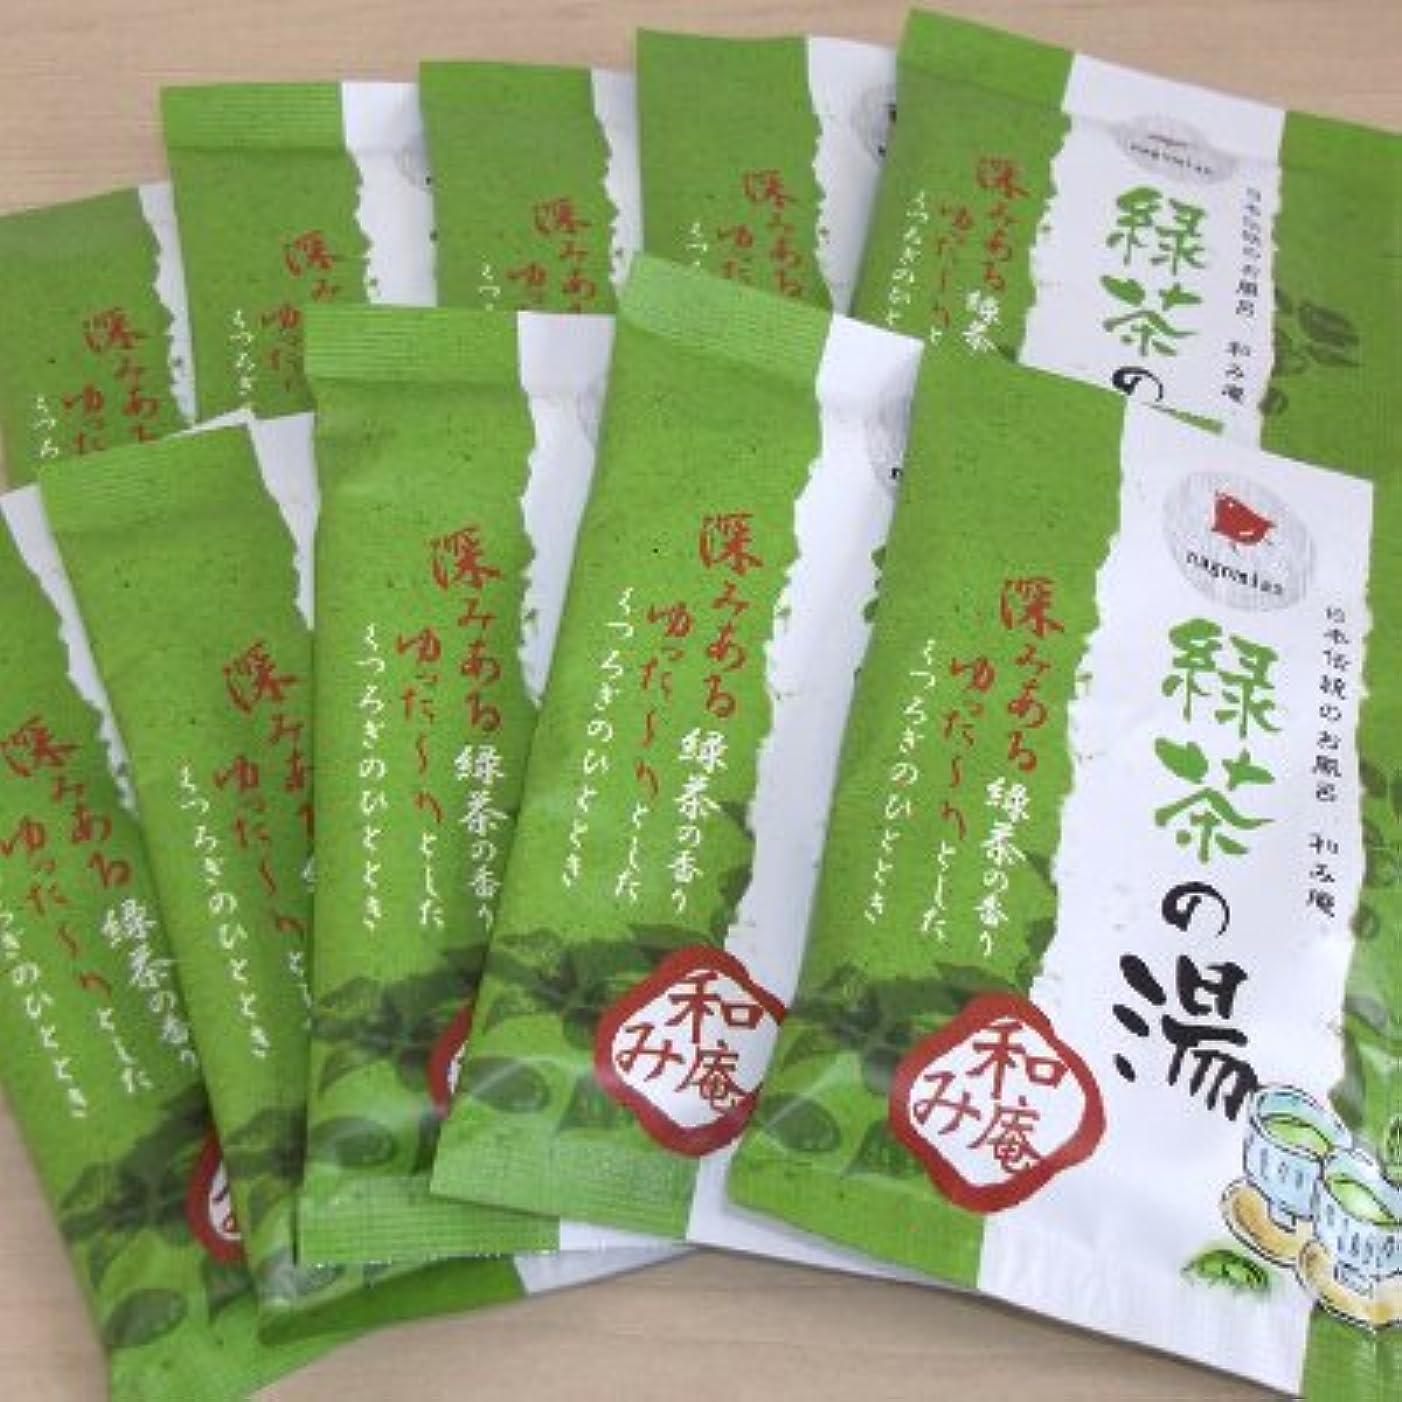 ワイド先駆者注入する和み庵 緑茶の湯 10包セット